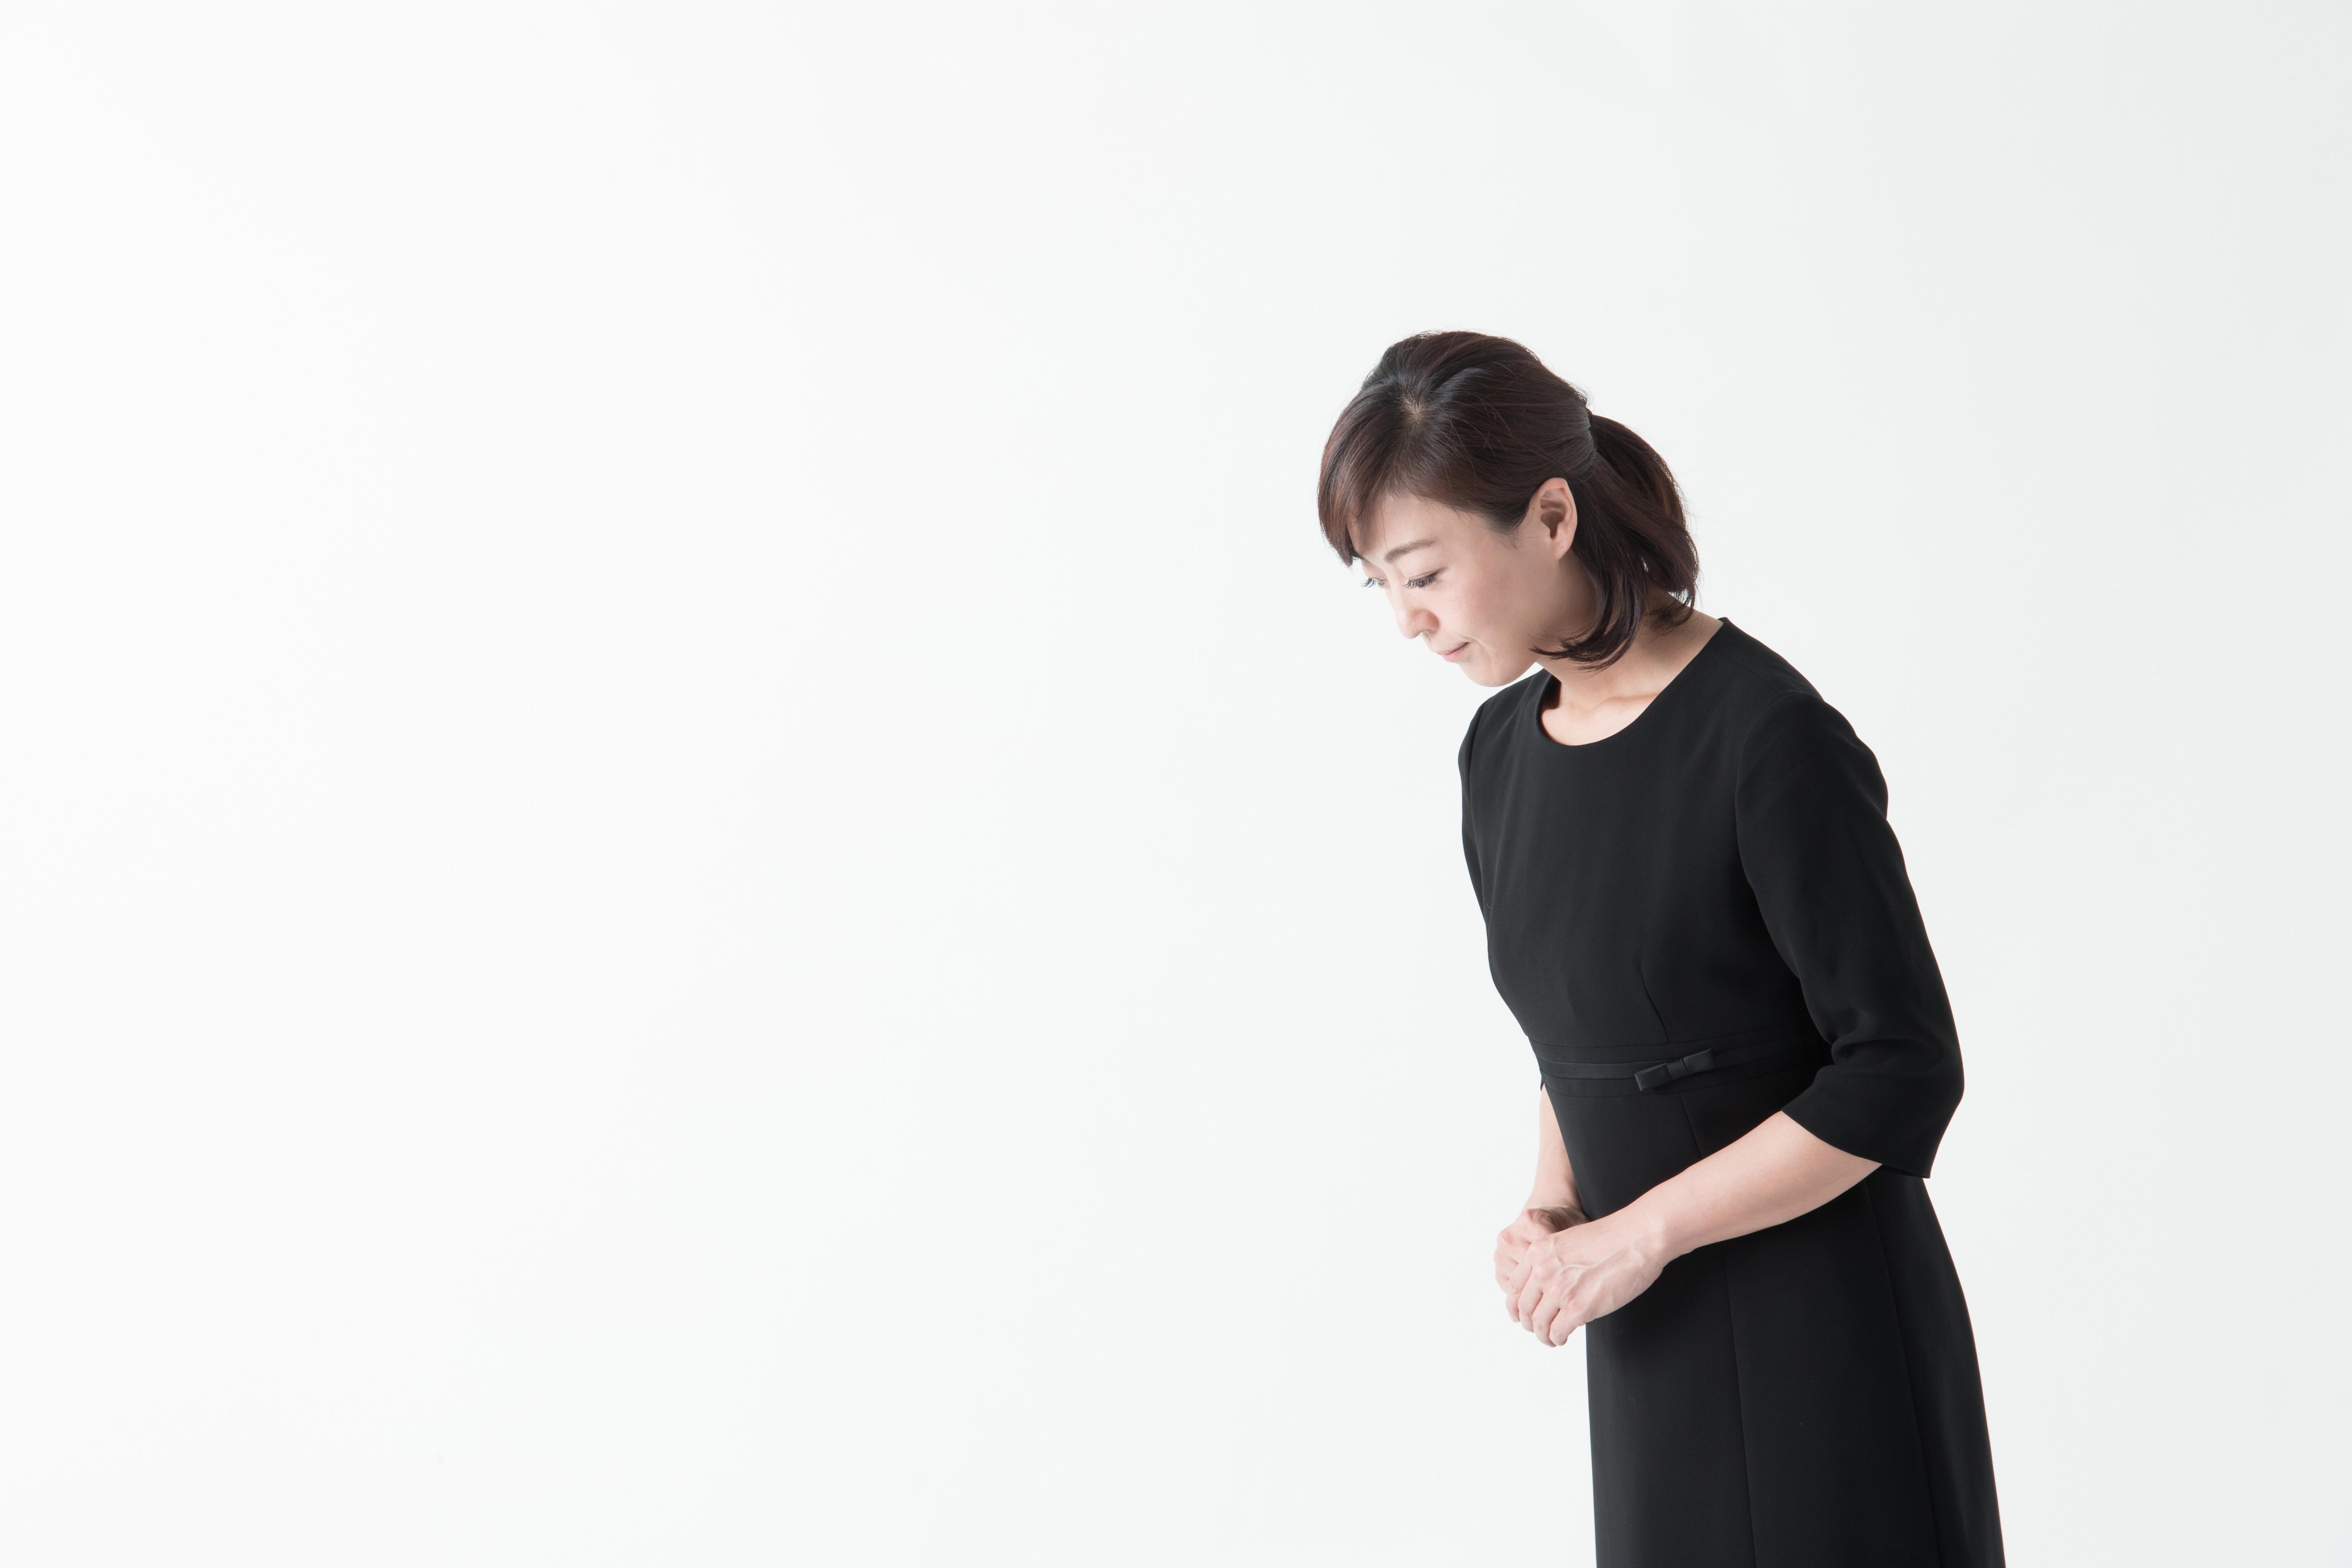 妊婦はお葬式でお腹に鏡を入れる?迷信やマナーを徹底解説しますのサムネイル画像